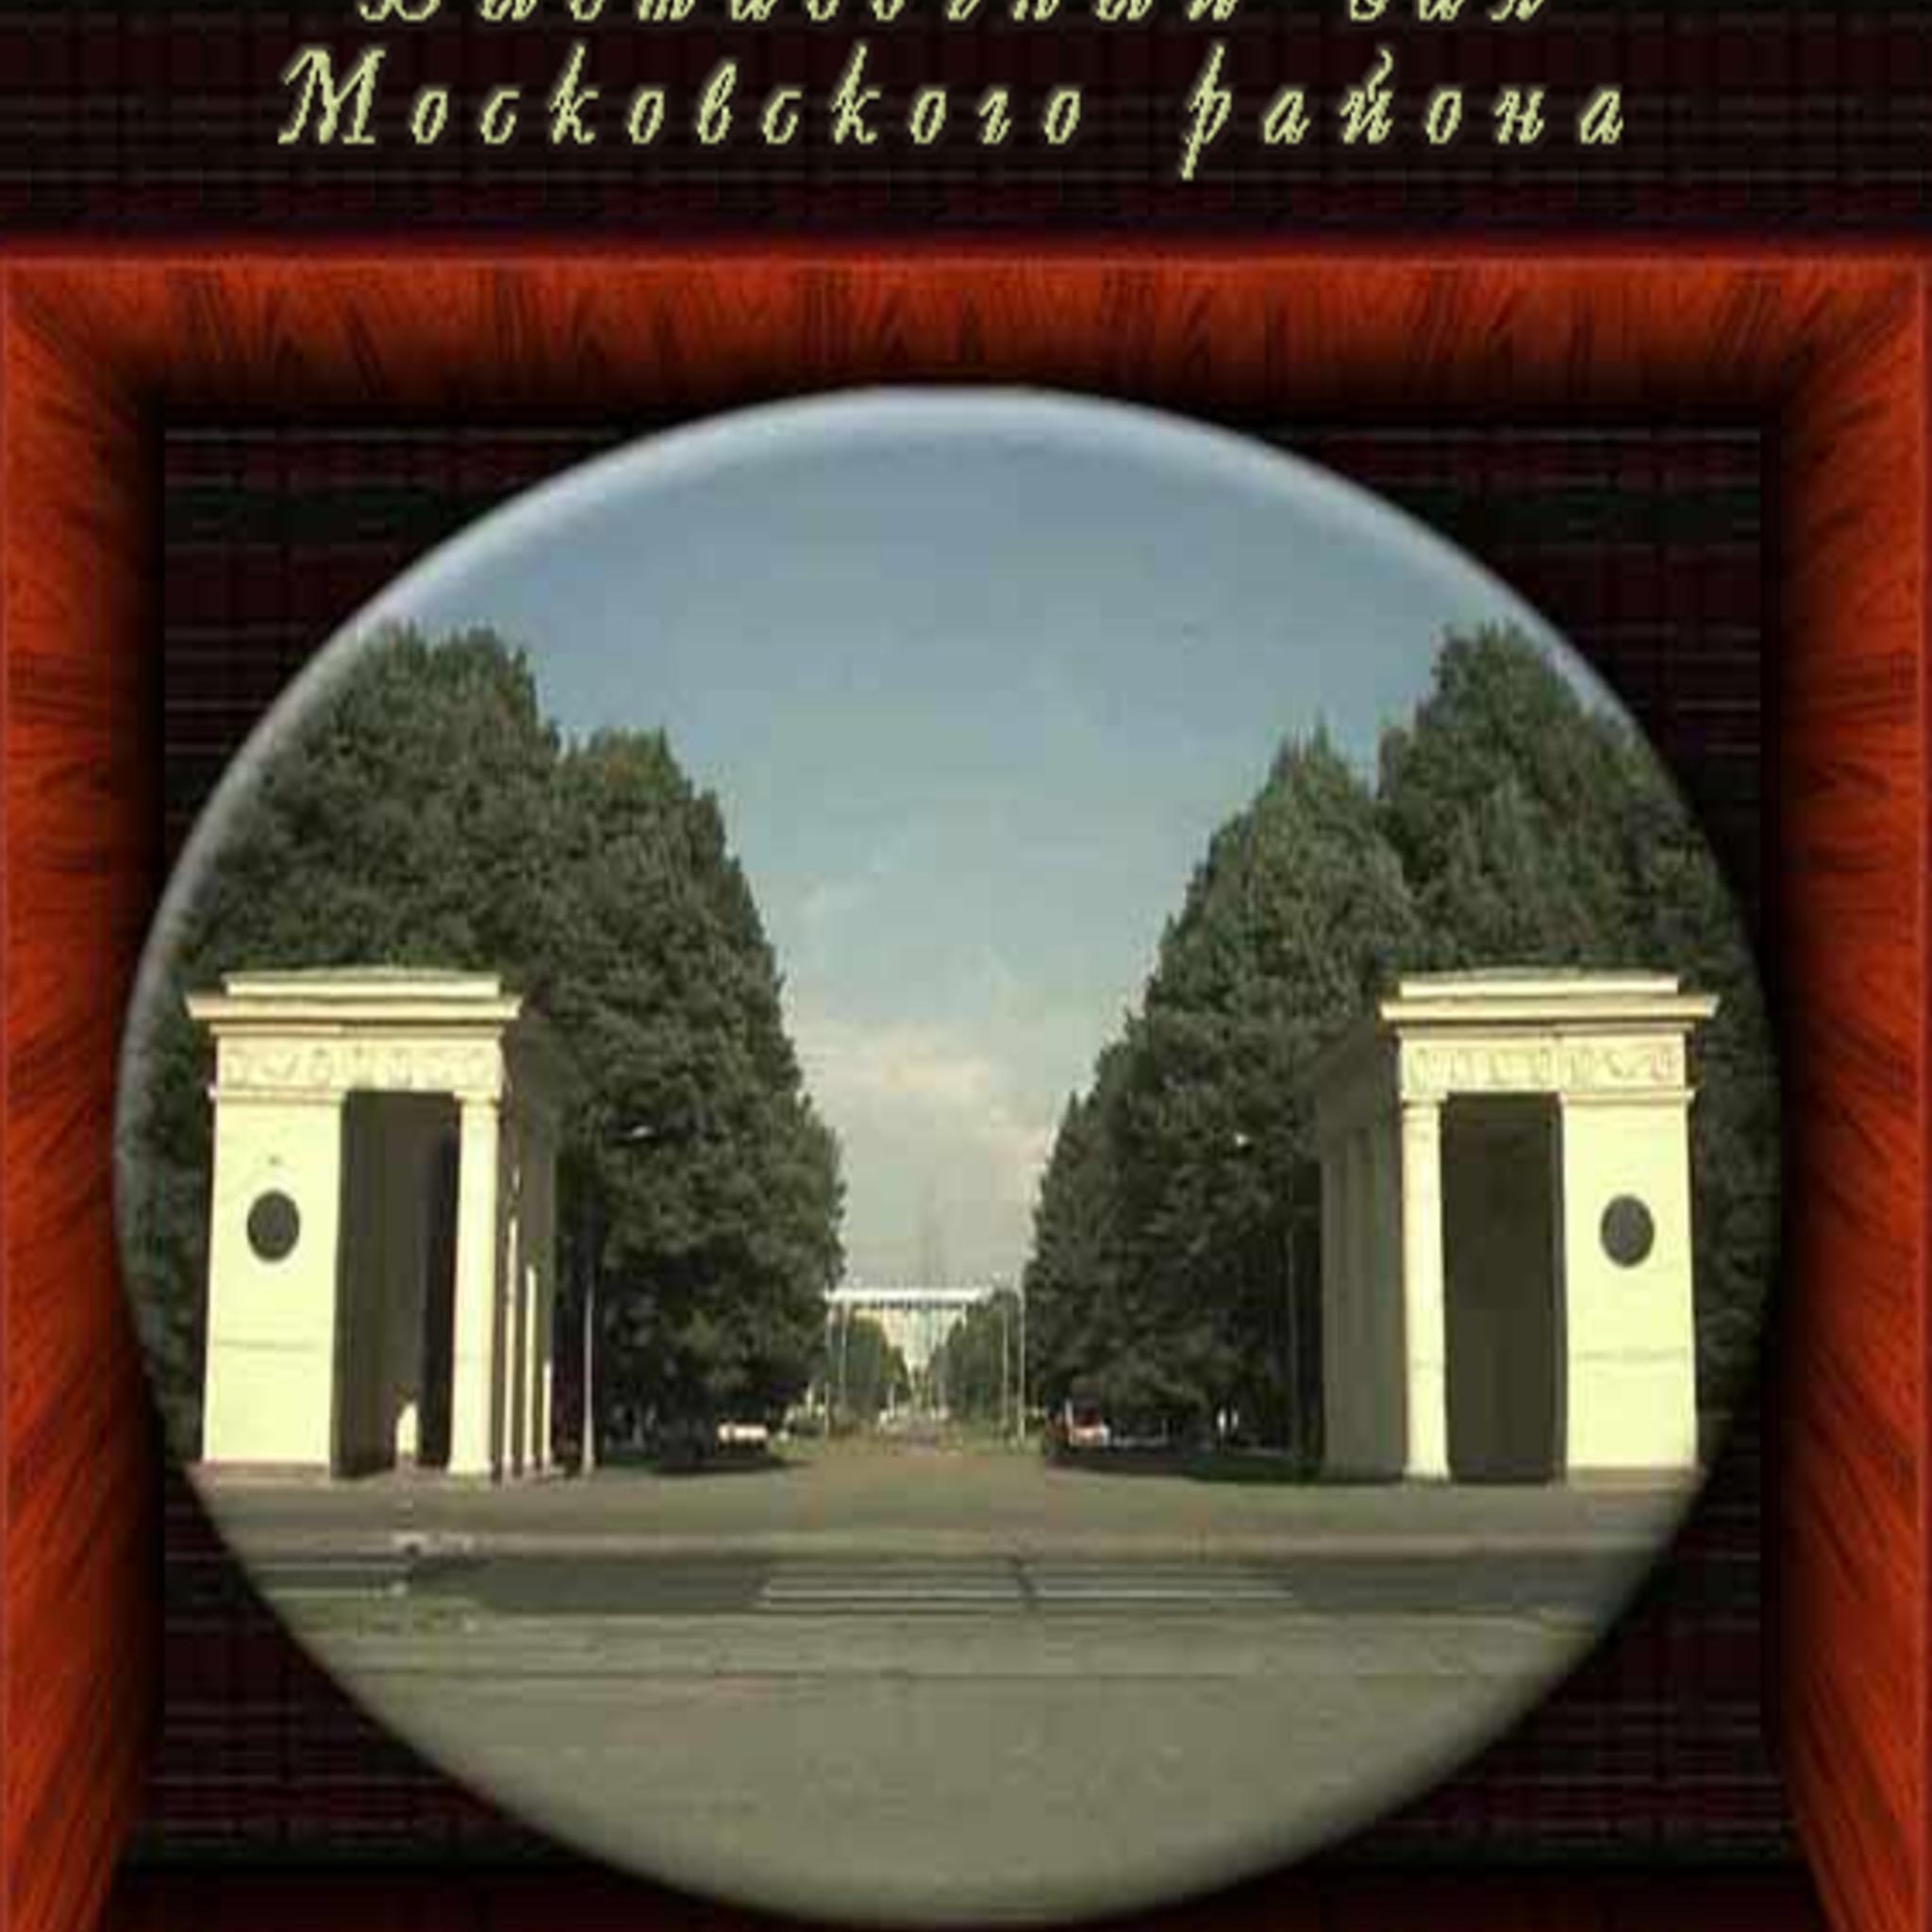 Выставочный зал Московского района